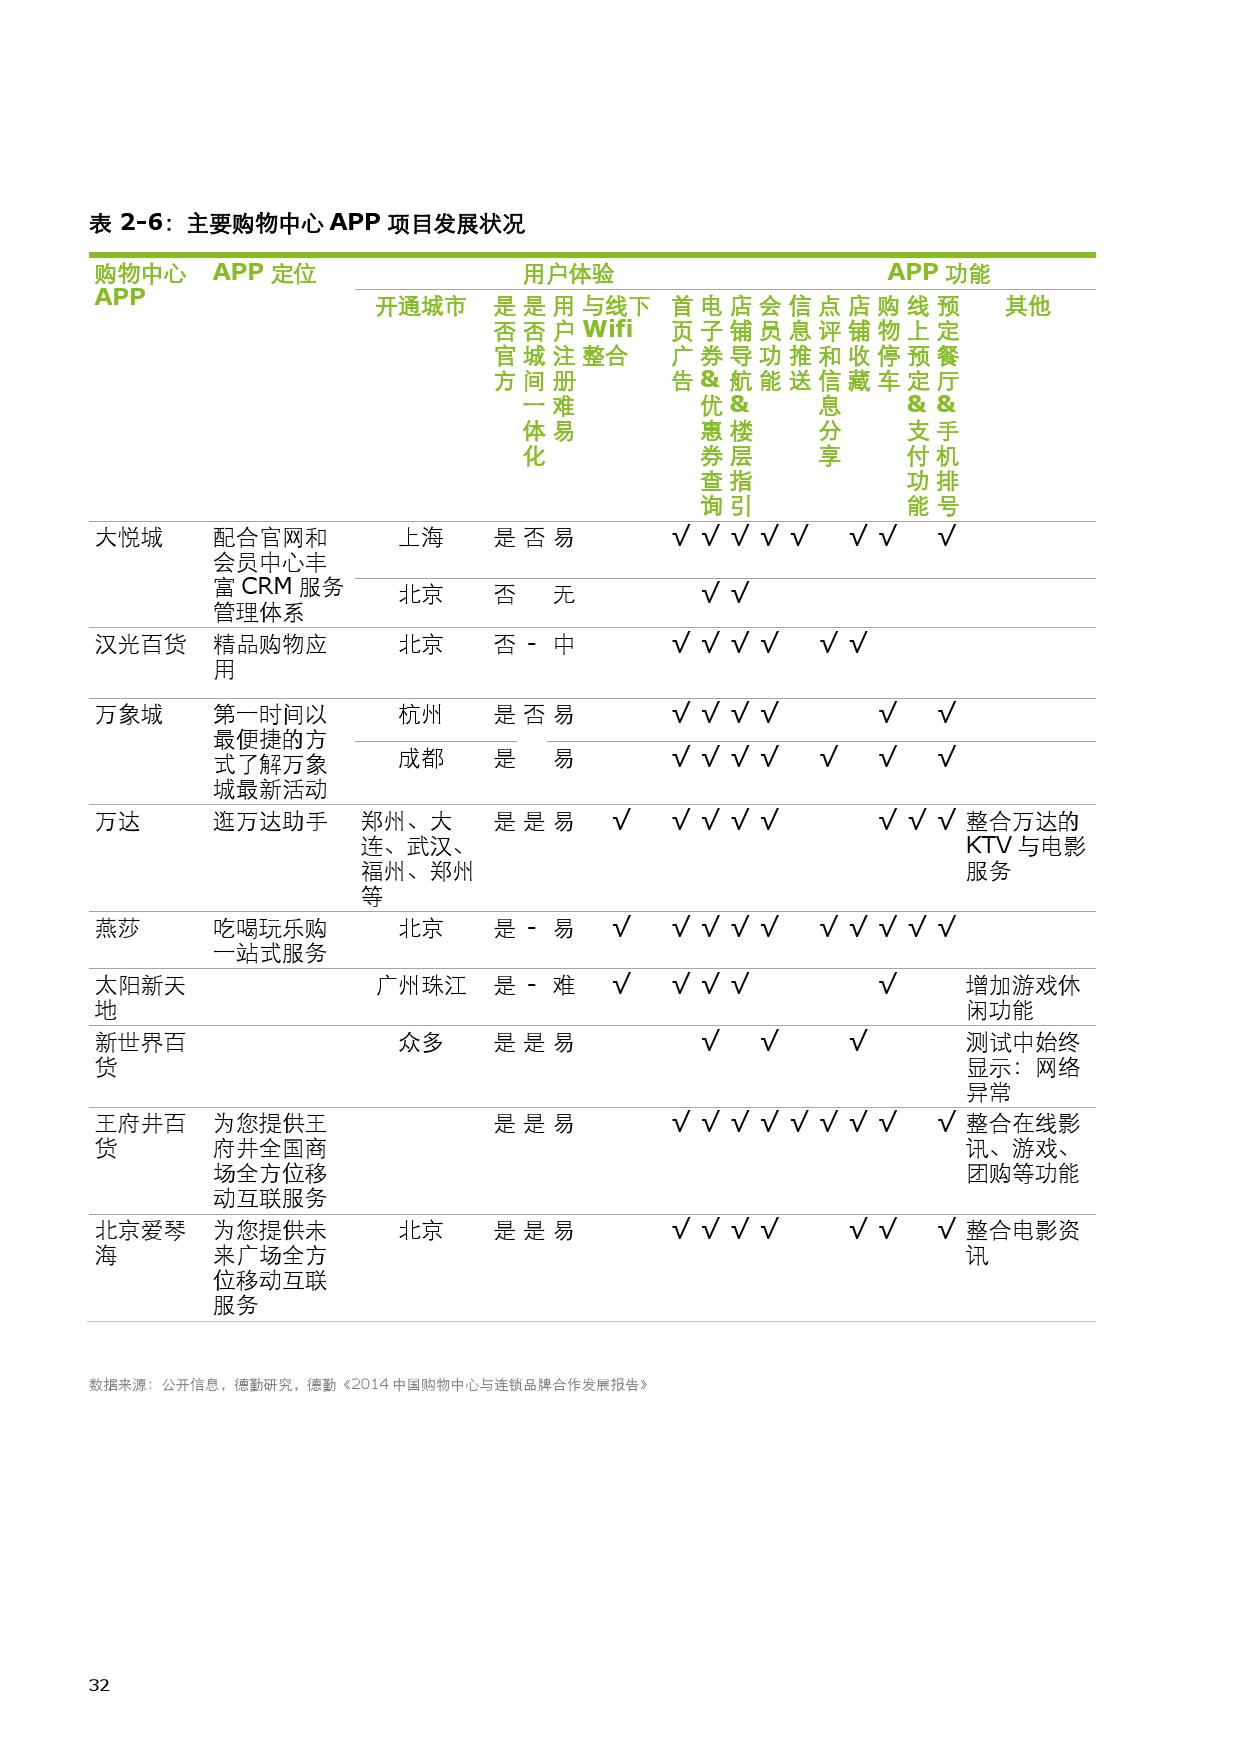 2015中国零售产业投资促进报告_000040